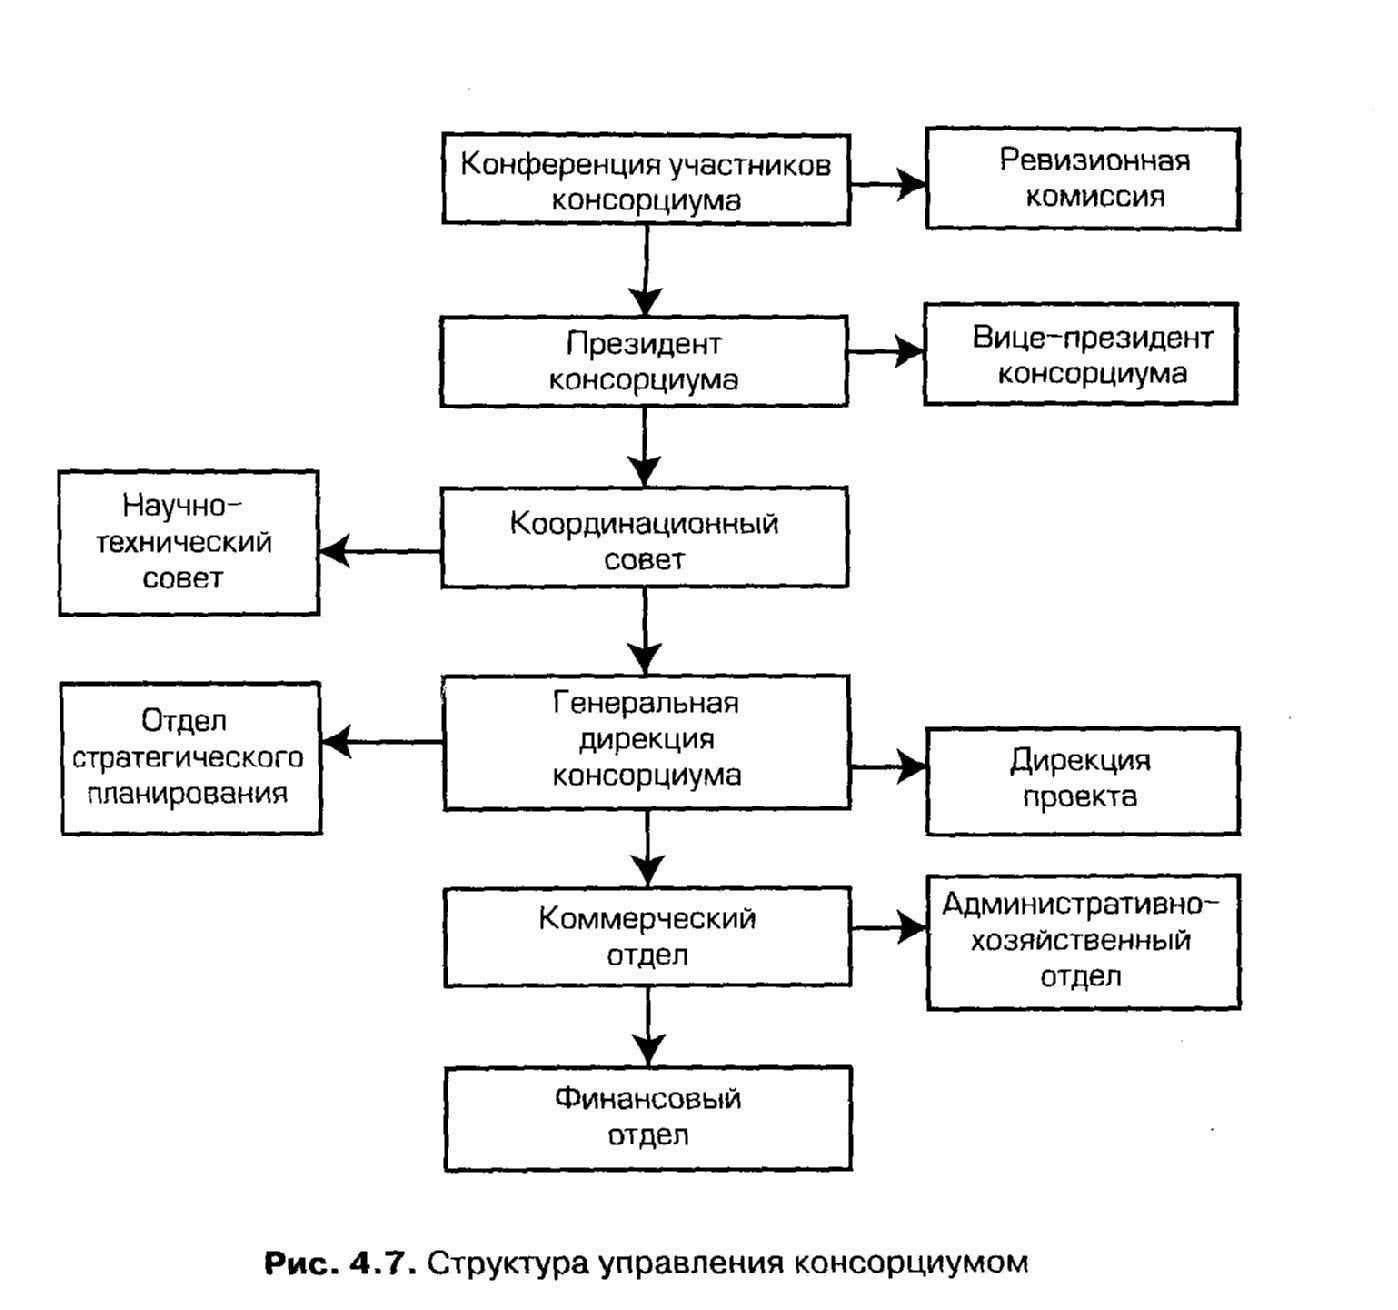 Консорциум - consortium - qwe.wiki